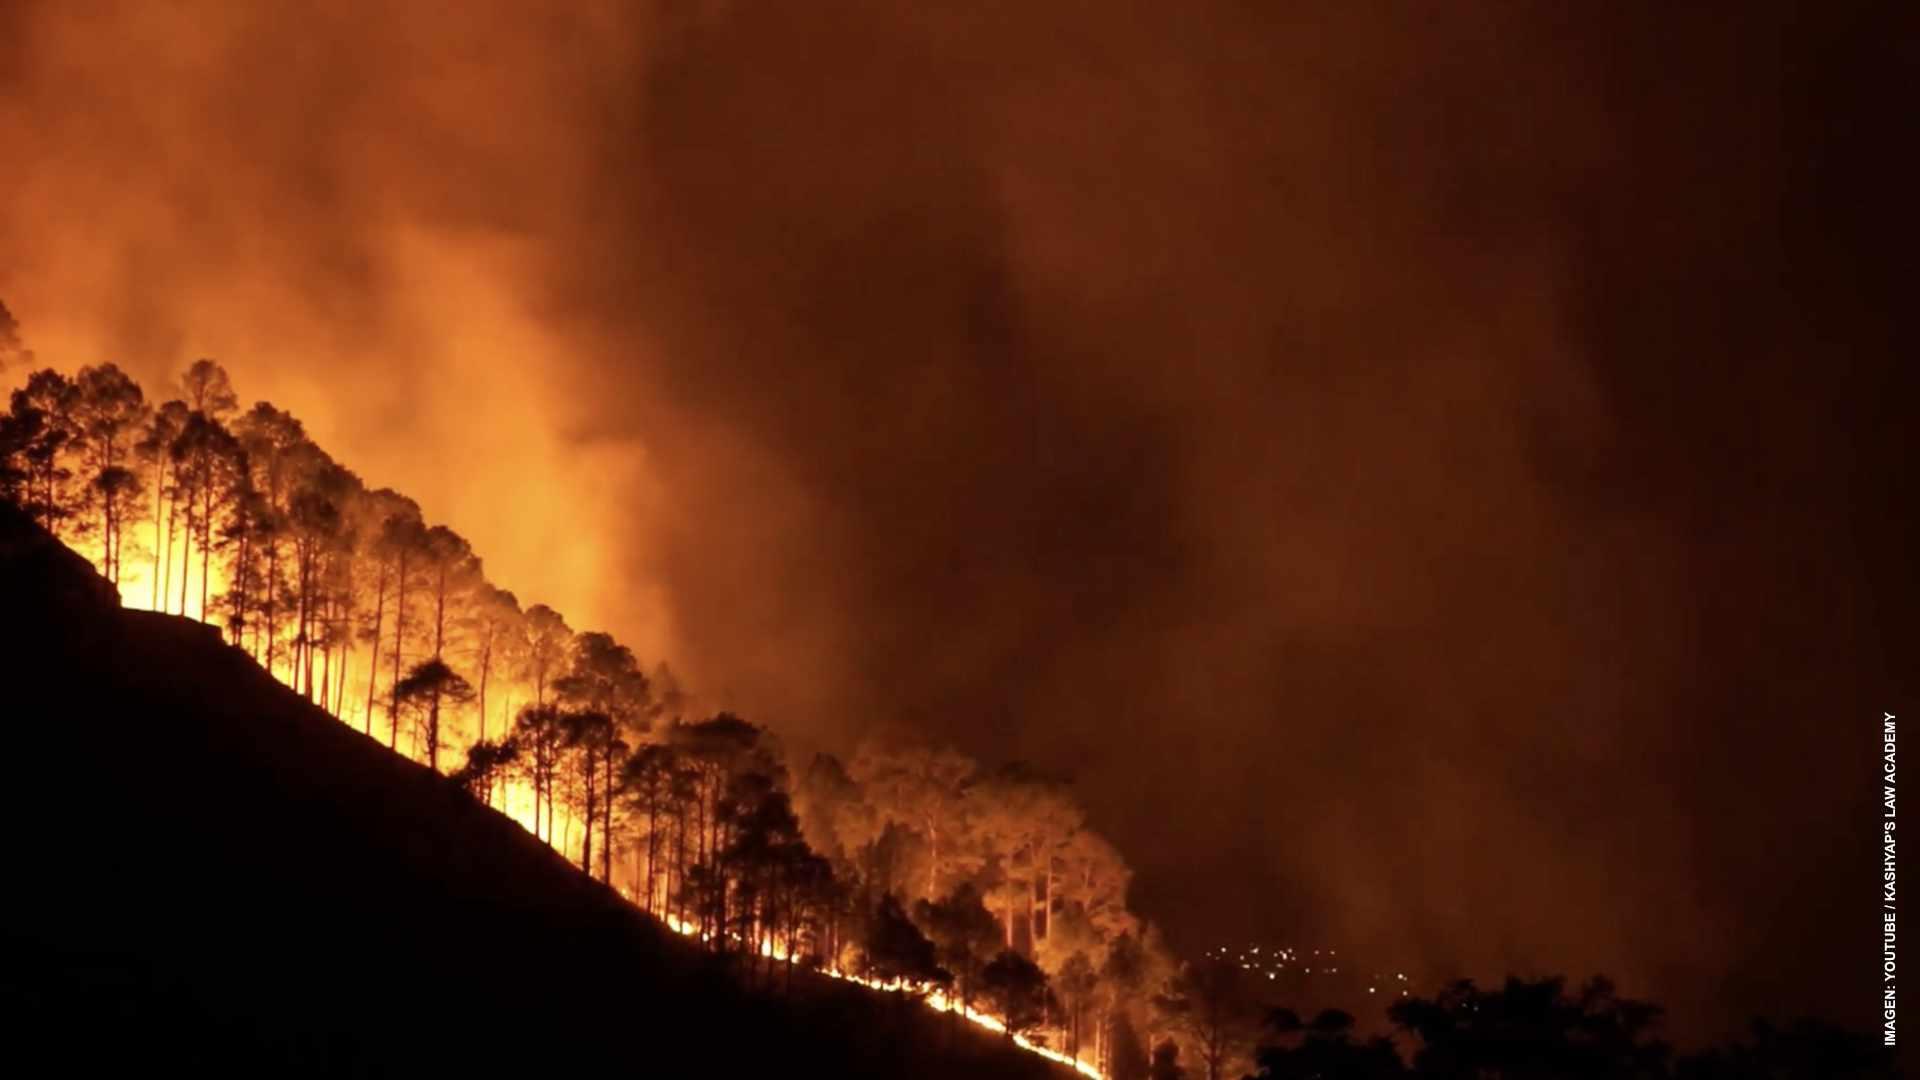 Incendios forestales no dan tregua en Columbia Británica